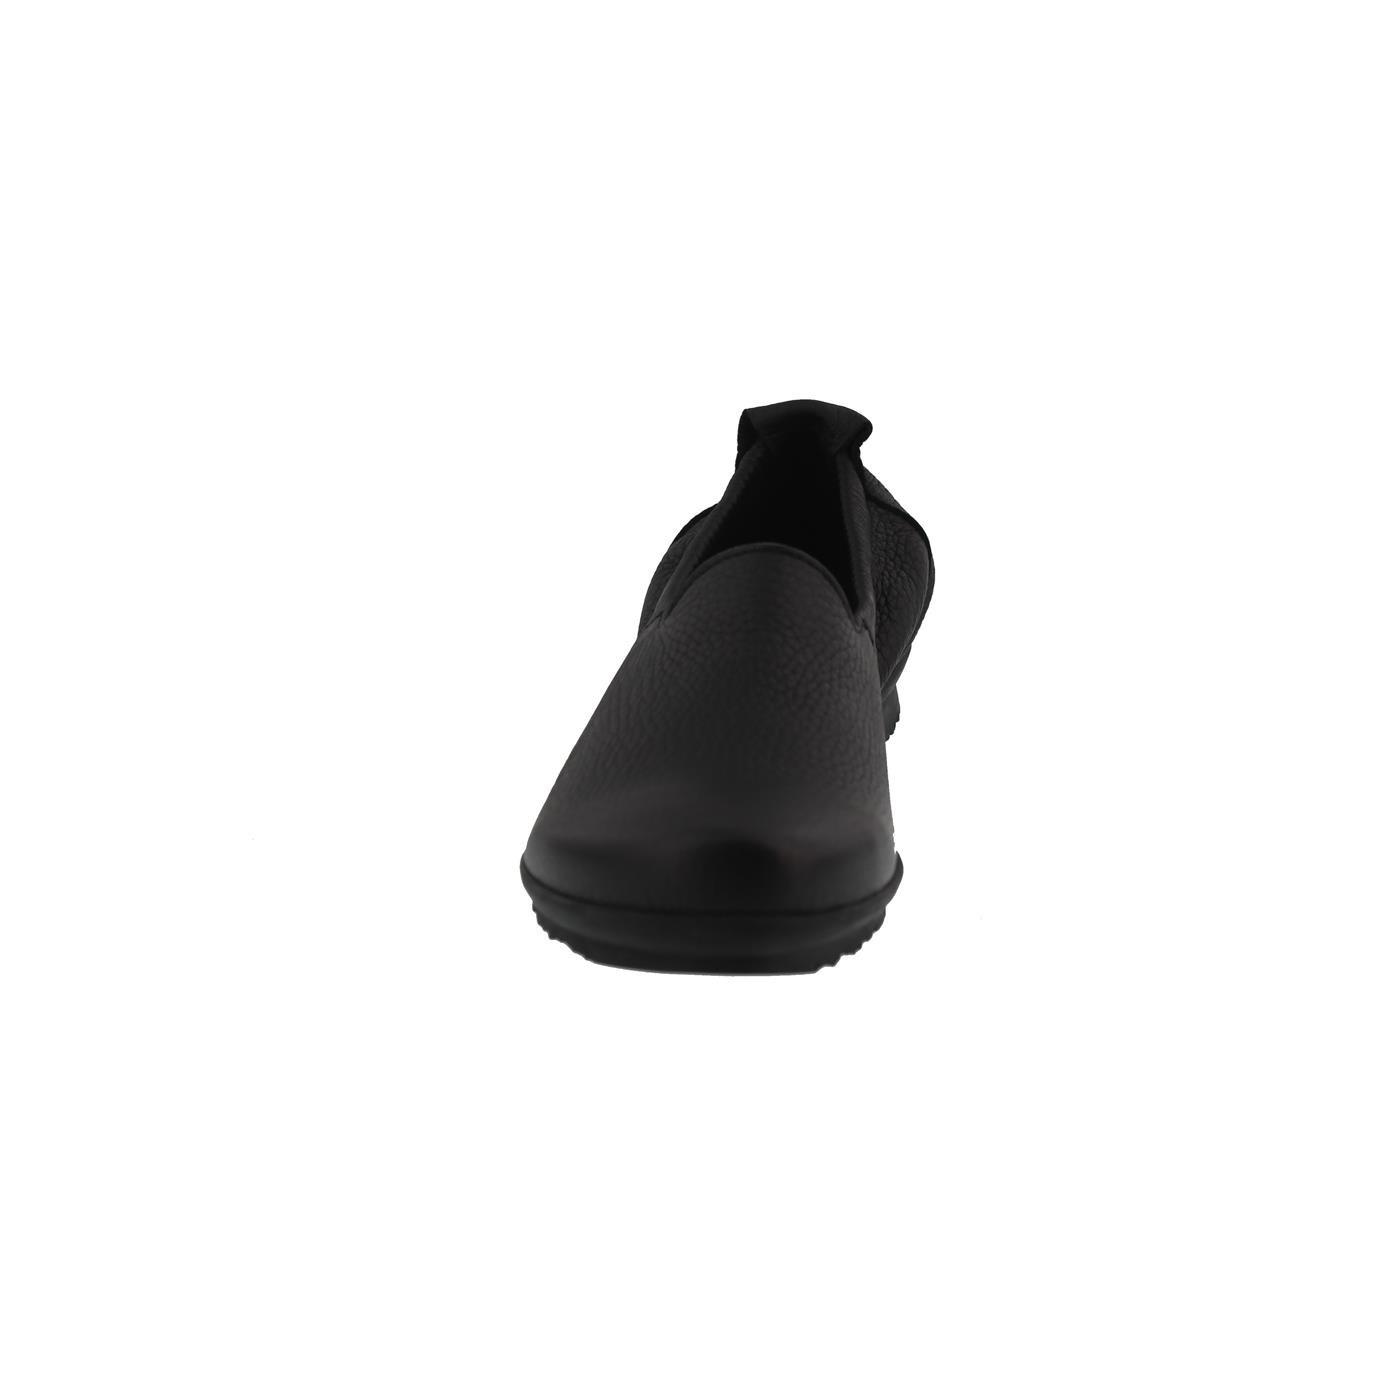 Arche Barral, Schwarz Slipper, Cerf Pleine Fleur (Hirschleder), Schwarz Barral, (Noir), Latexsohle Schwarz 94cd1d